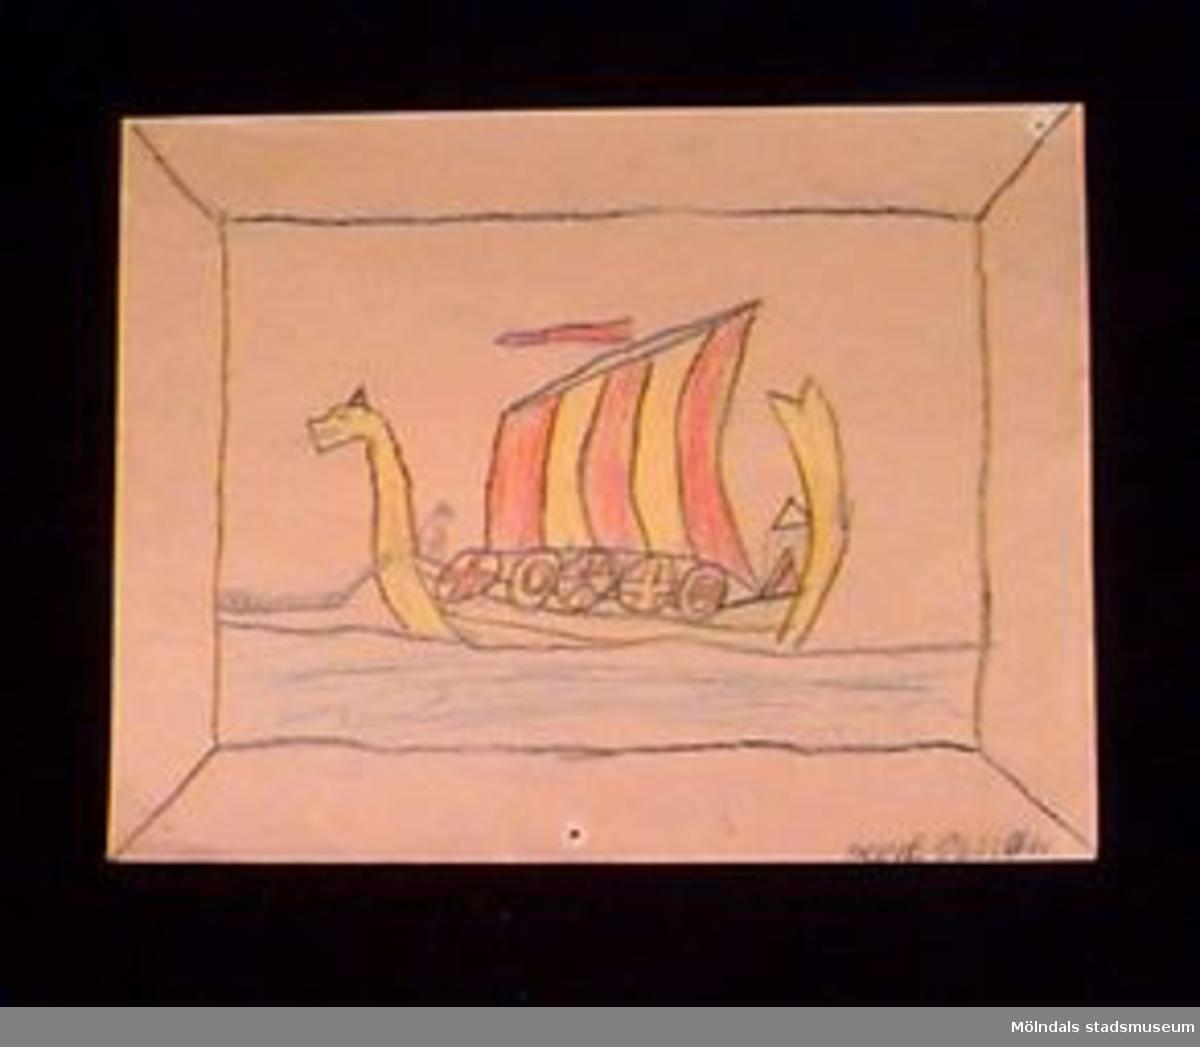 En teckning föreställande ett drakskepp/vikingafartyg. Utfört i blyerts och krita. Givaren gick hela sin skoltid i Toltorpsskolan.